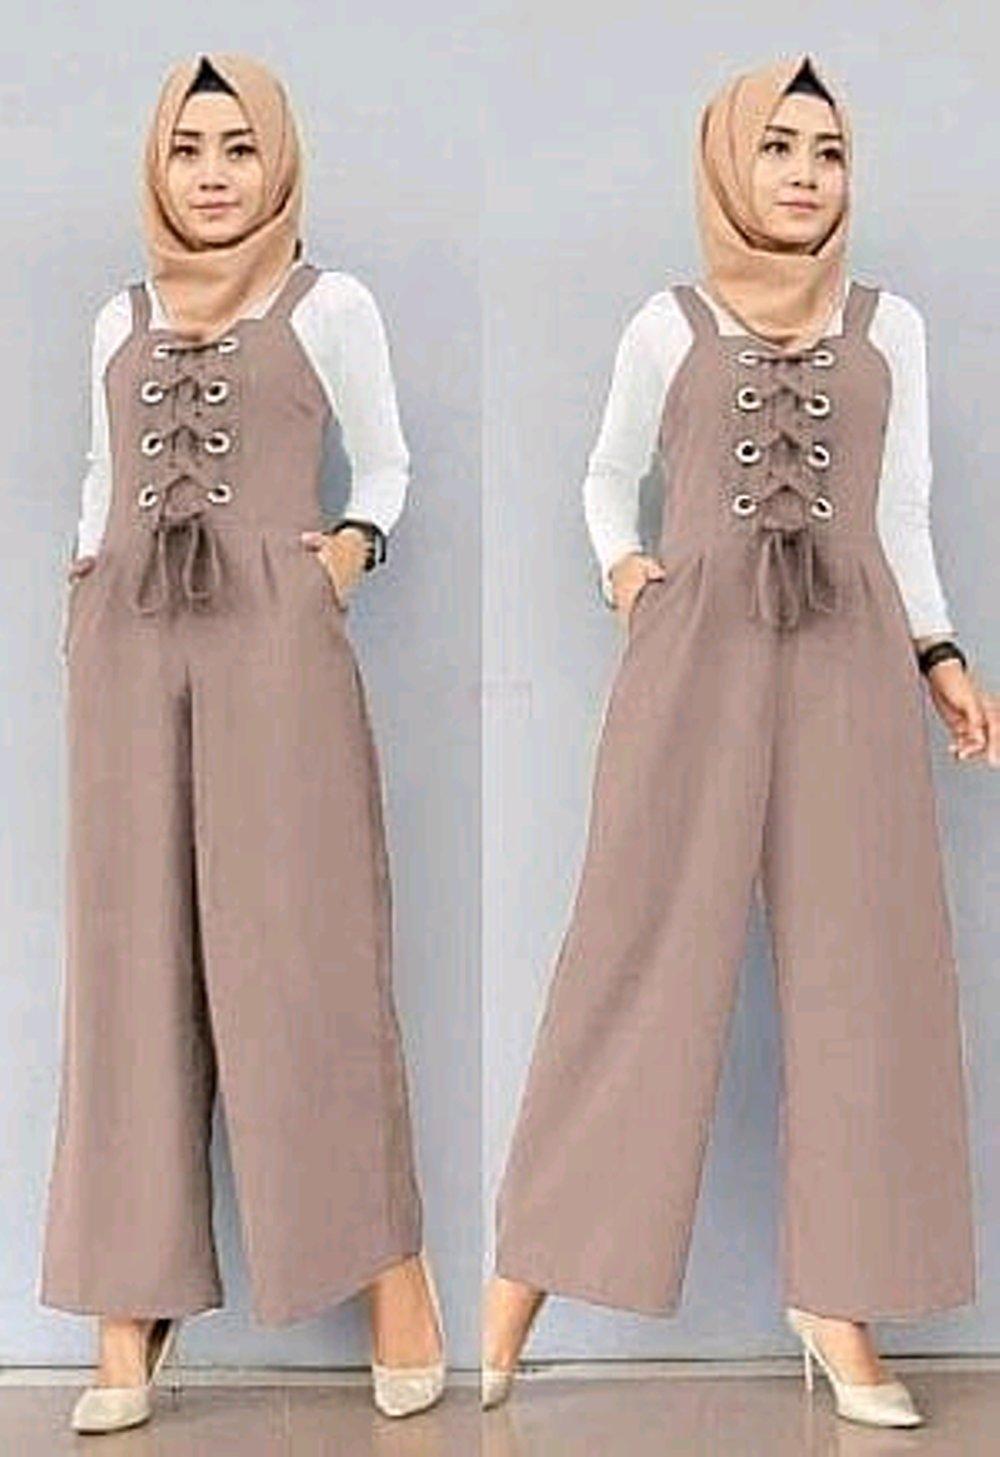 بالصور ملابس نساء في ليبيا , اجمل ملابس النساء فى ليبيا 11980 8